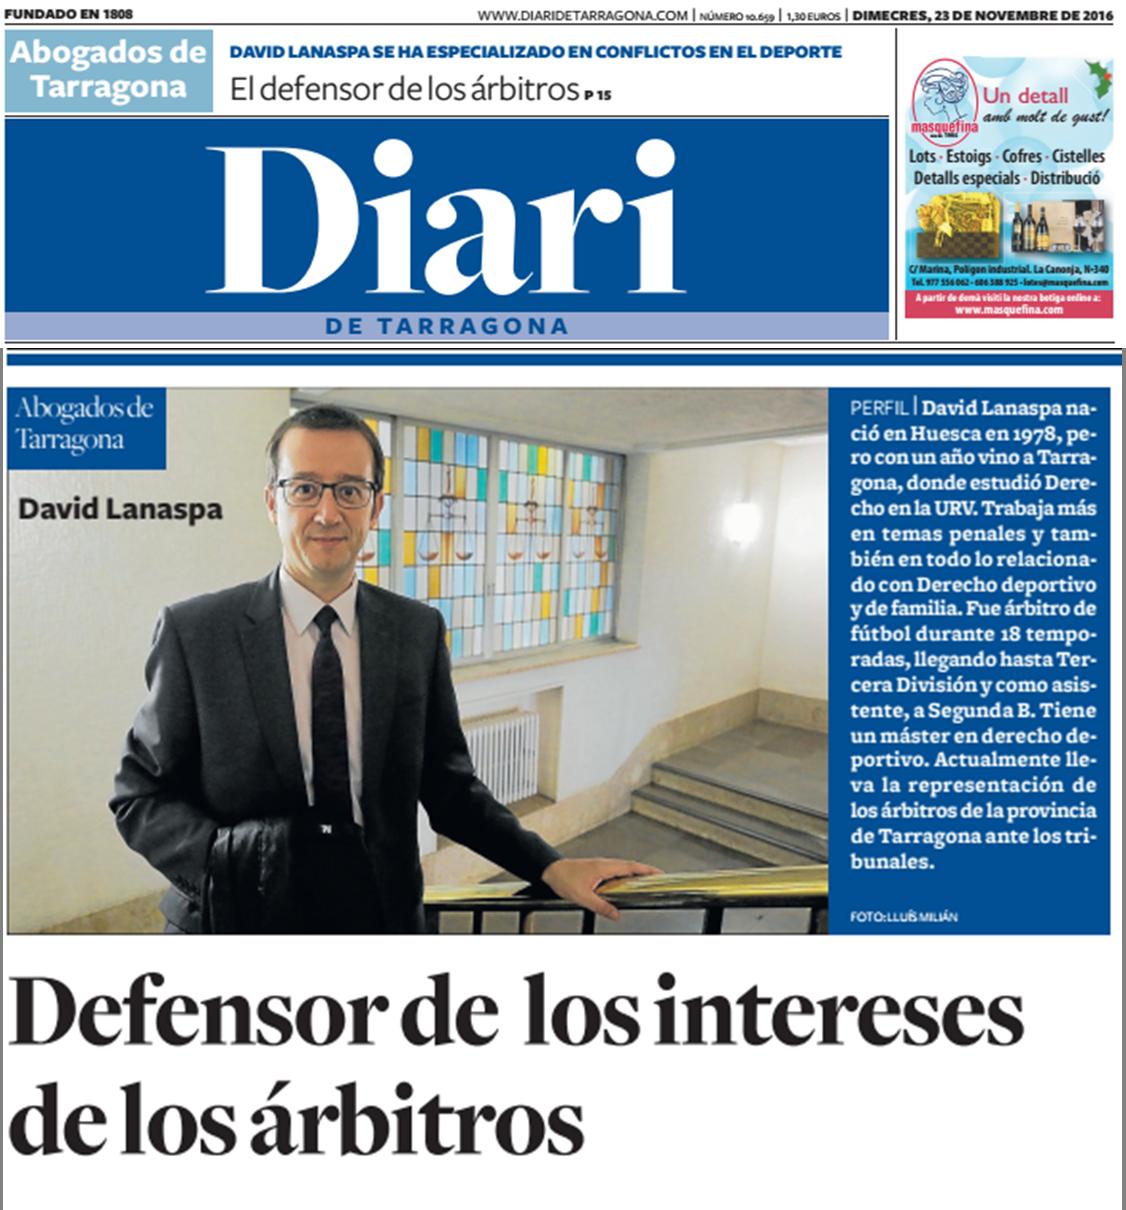 David Lanaspa abogado de Tarragona es defensor de los intereses de los arbitros